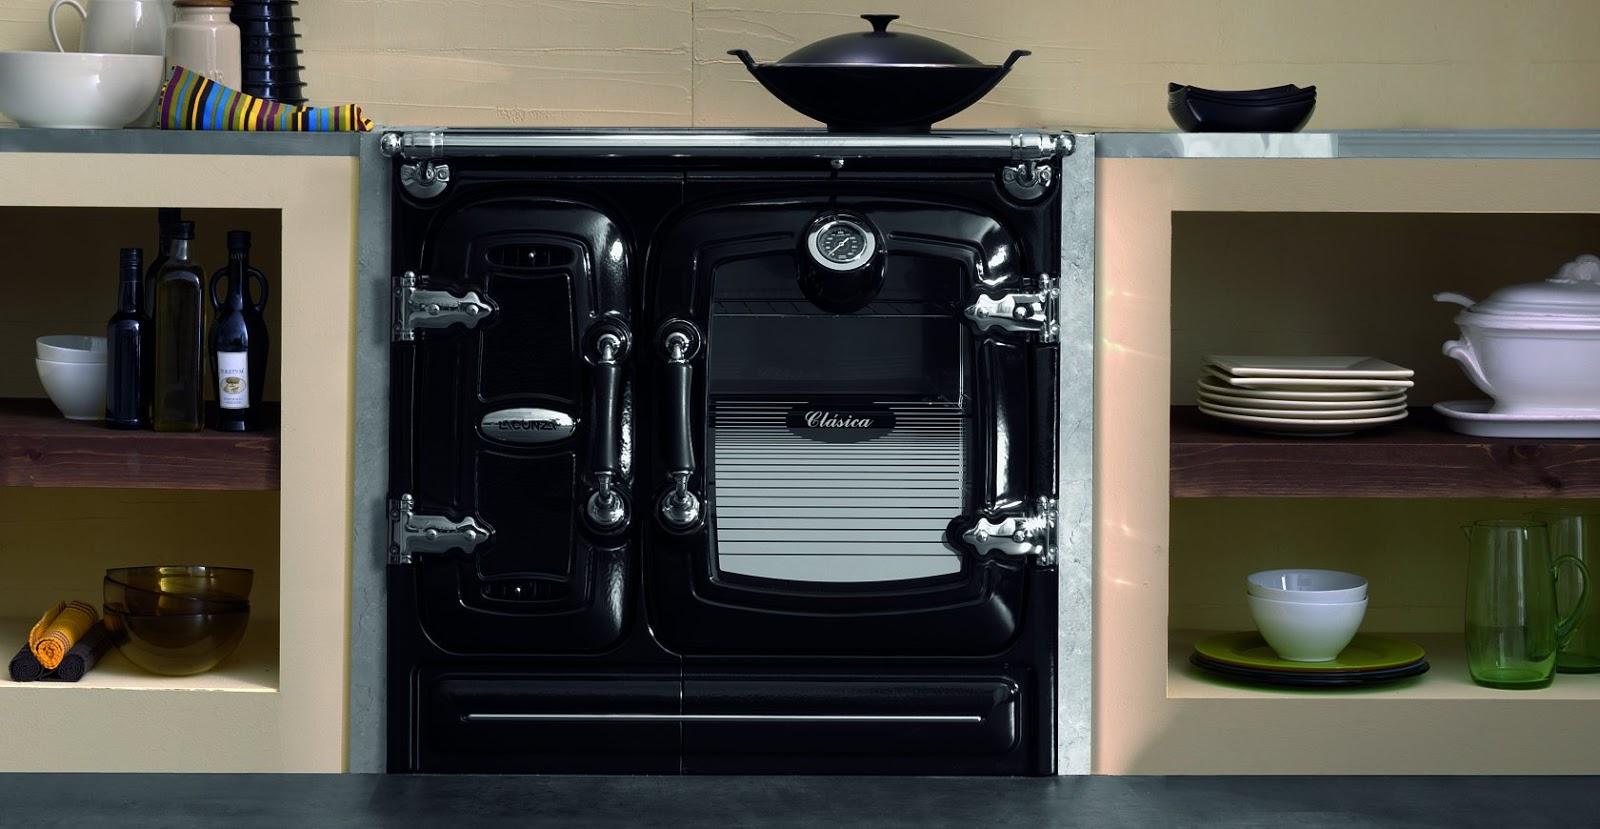 Todo en calefacci n y energ as renovables cocinas de le a - Cocinas de lena ...